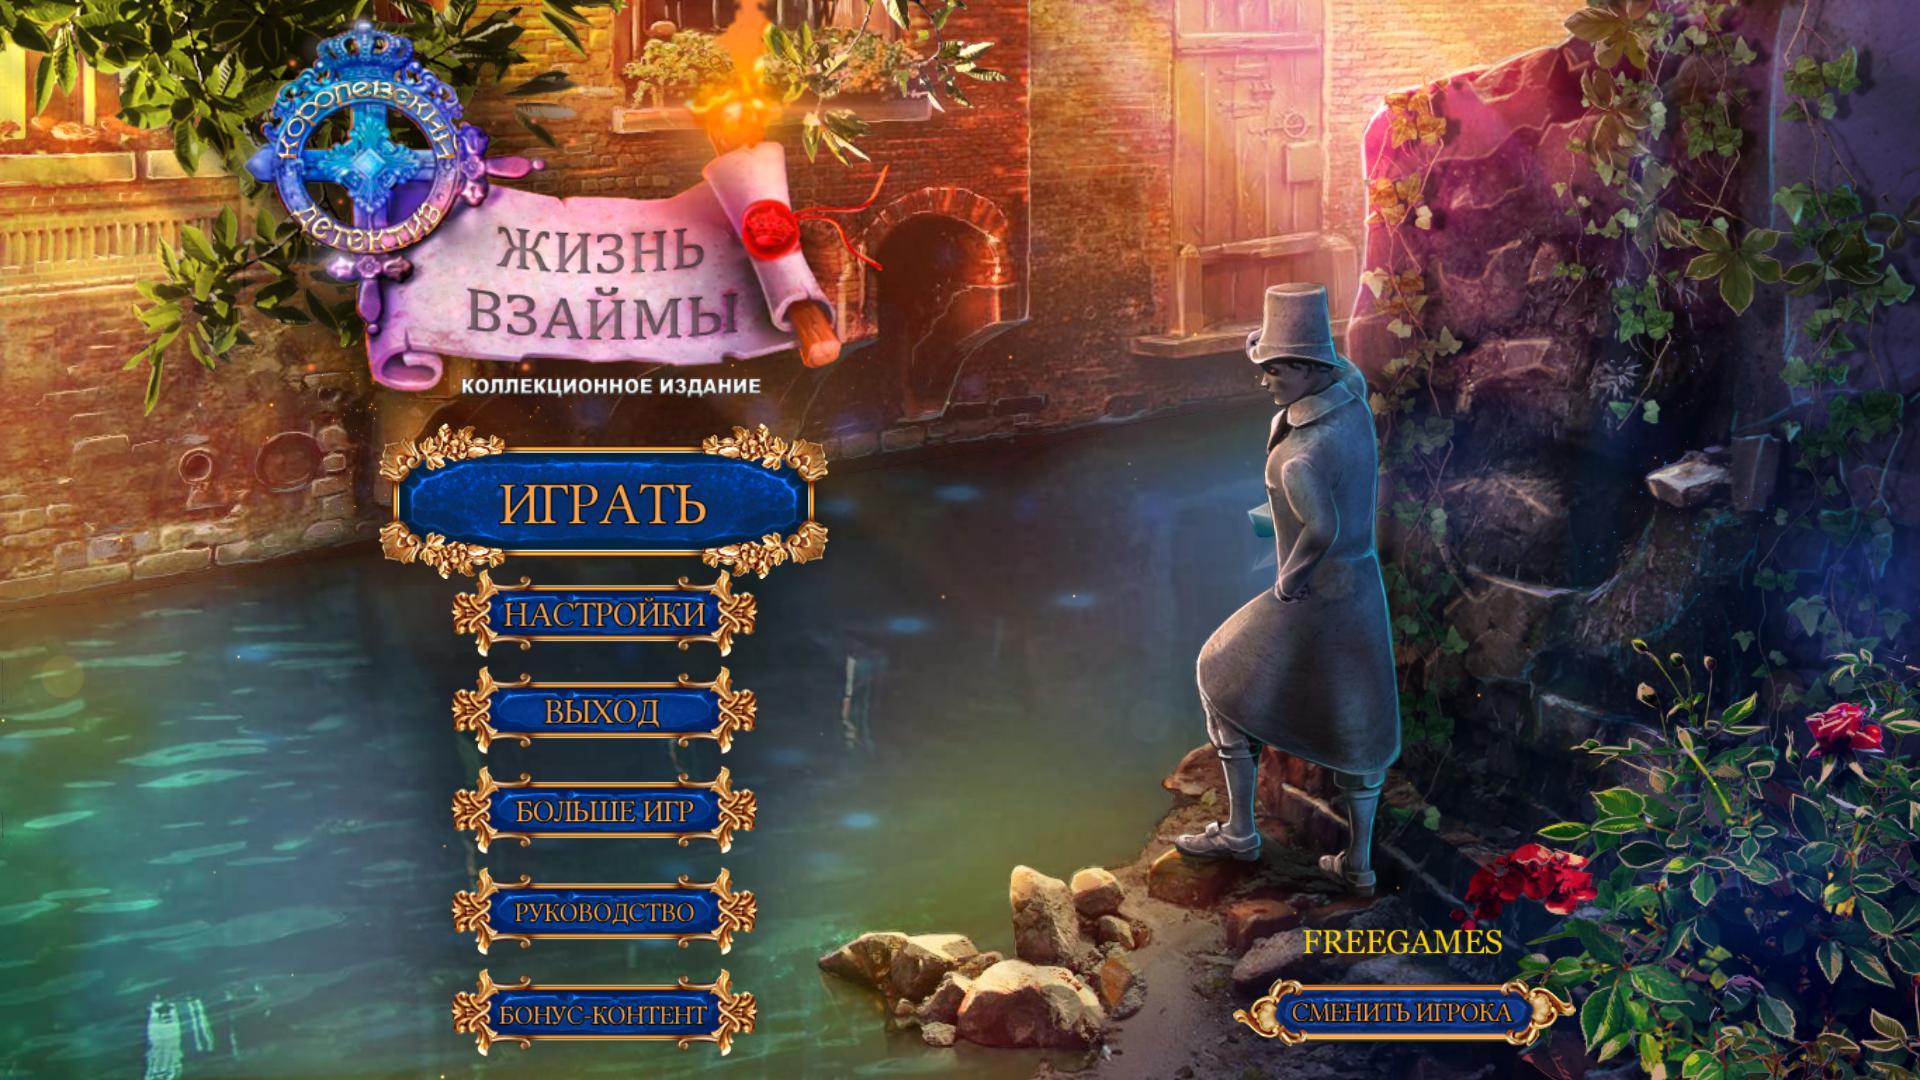 Королевский детектив 4: Жизнь взаймы. Коллекционное издание | Royal Detective 4: Borrowed Life CE (Rus)